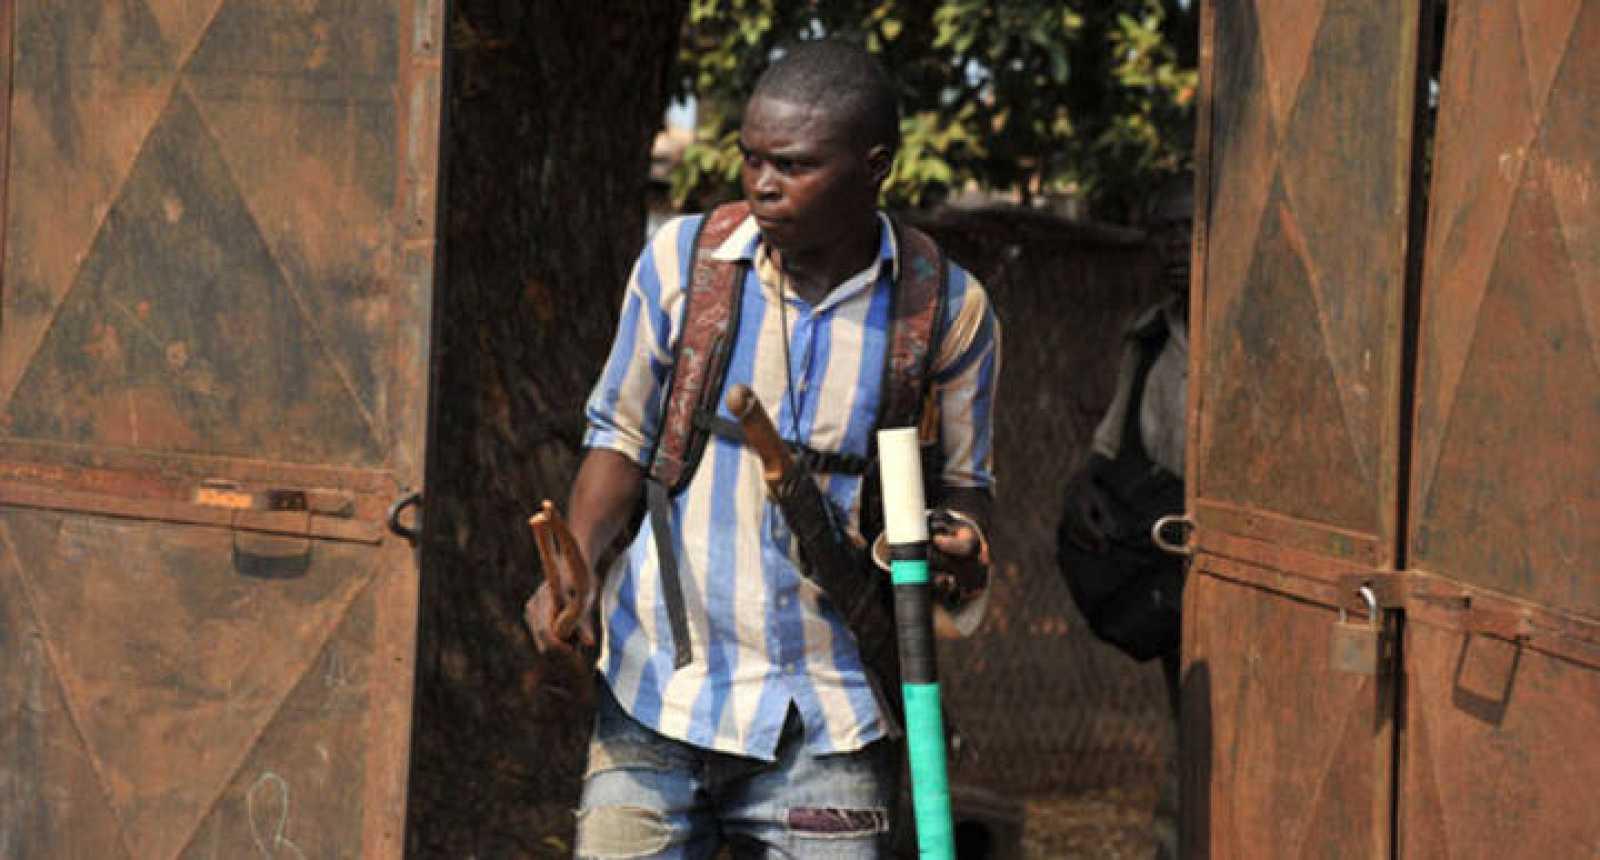 La ONU informa de que cerca de 6.000 niños han sido reclutados en enfrentamientos con tintes religiosos en República Centroafricana